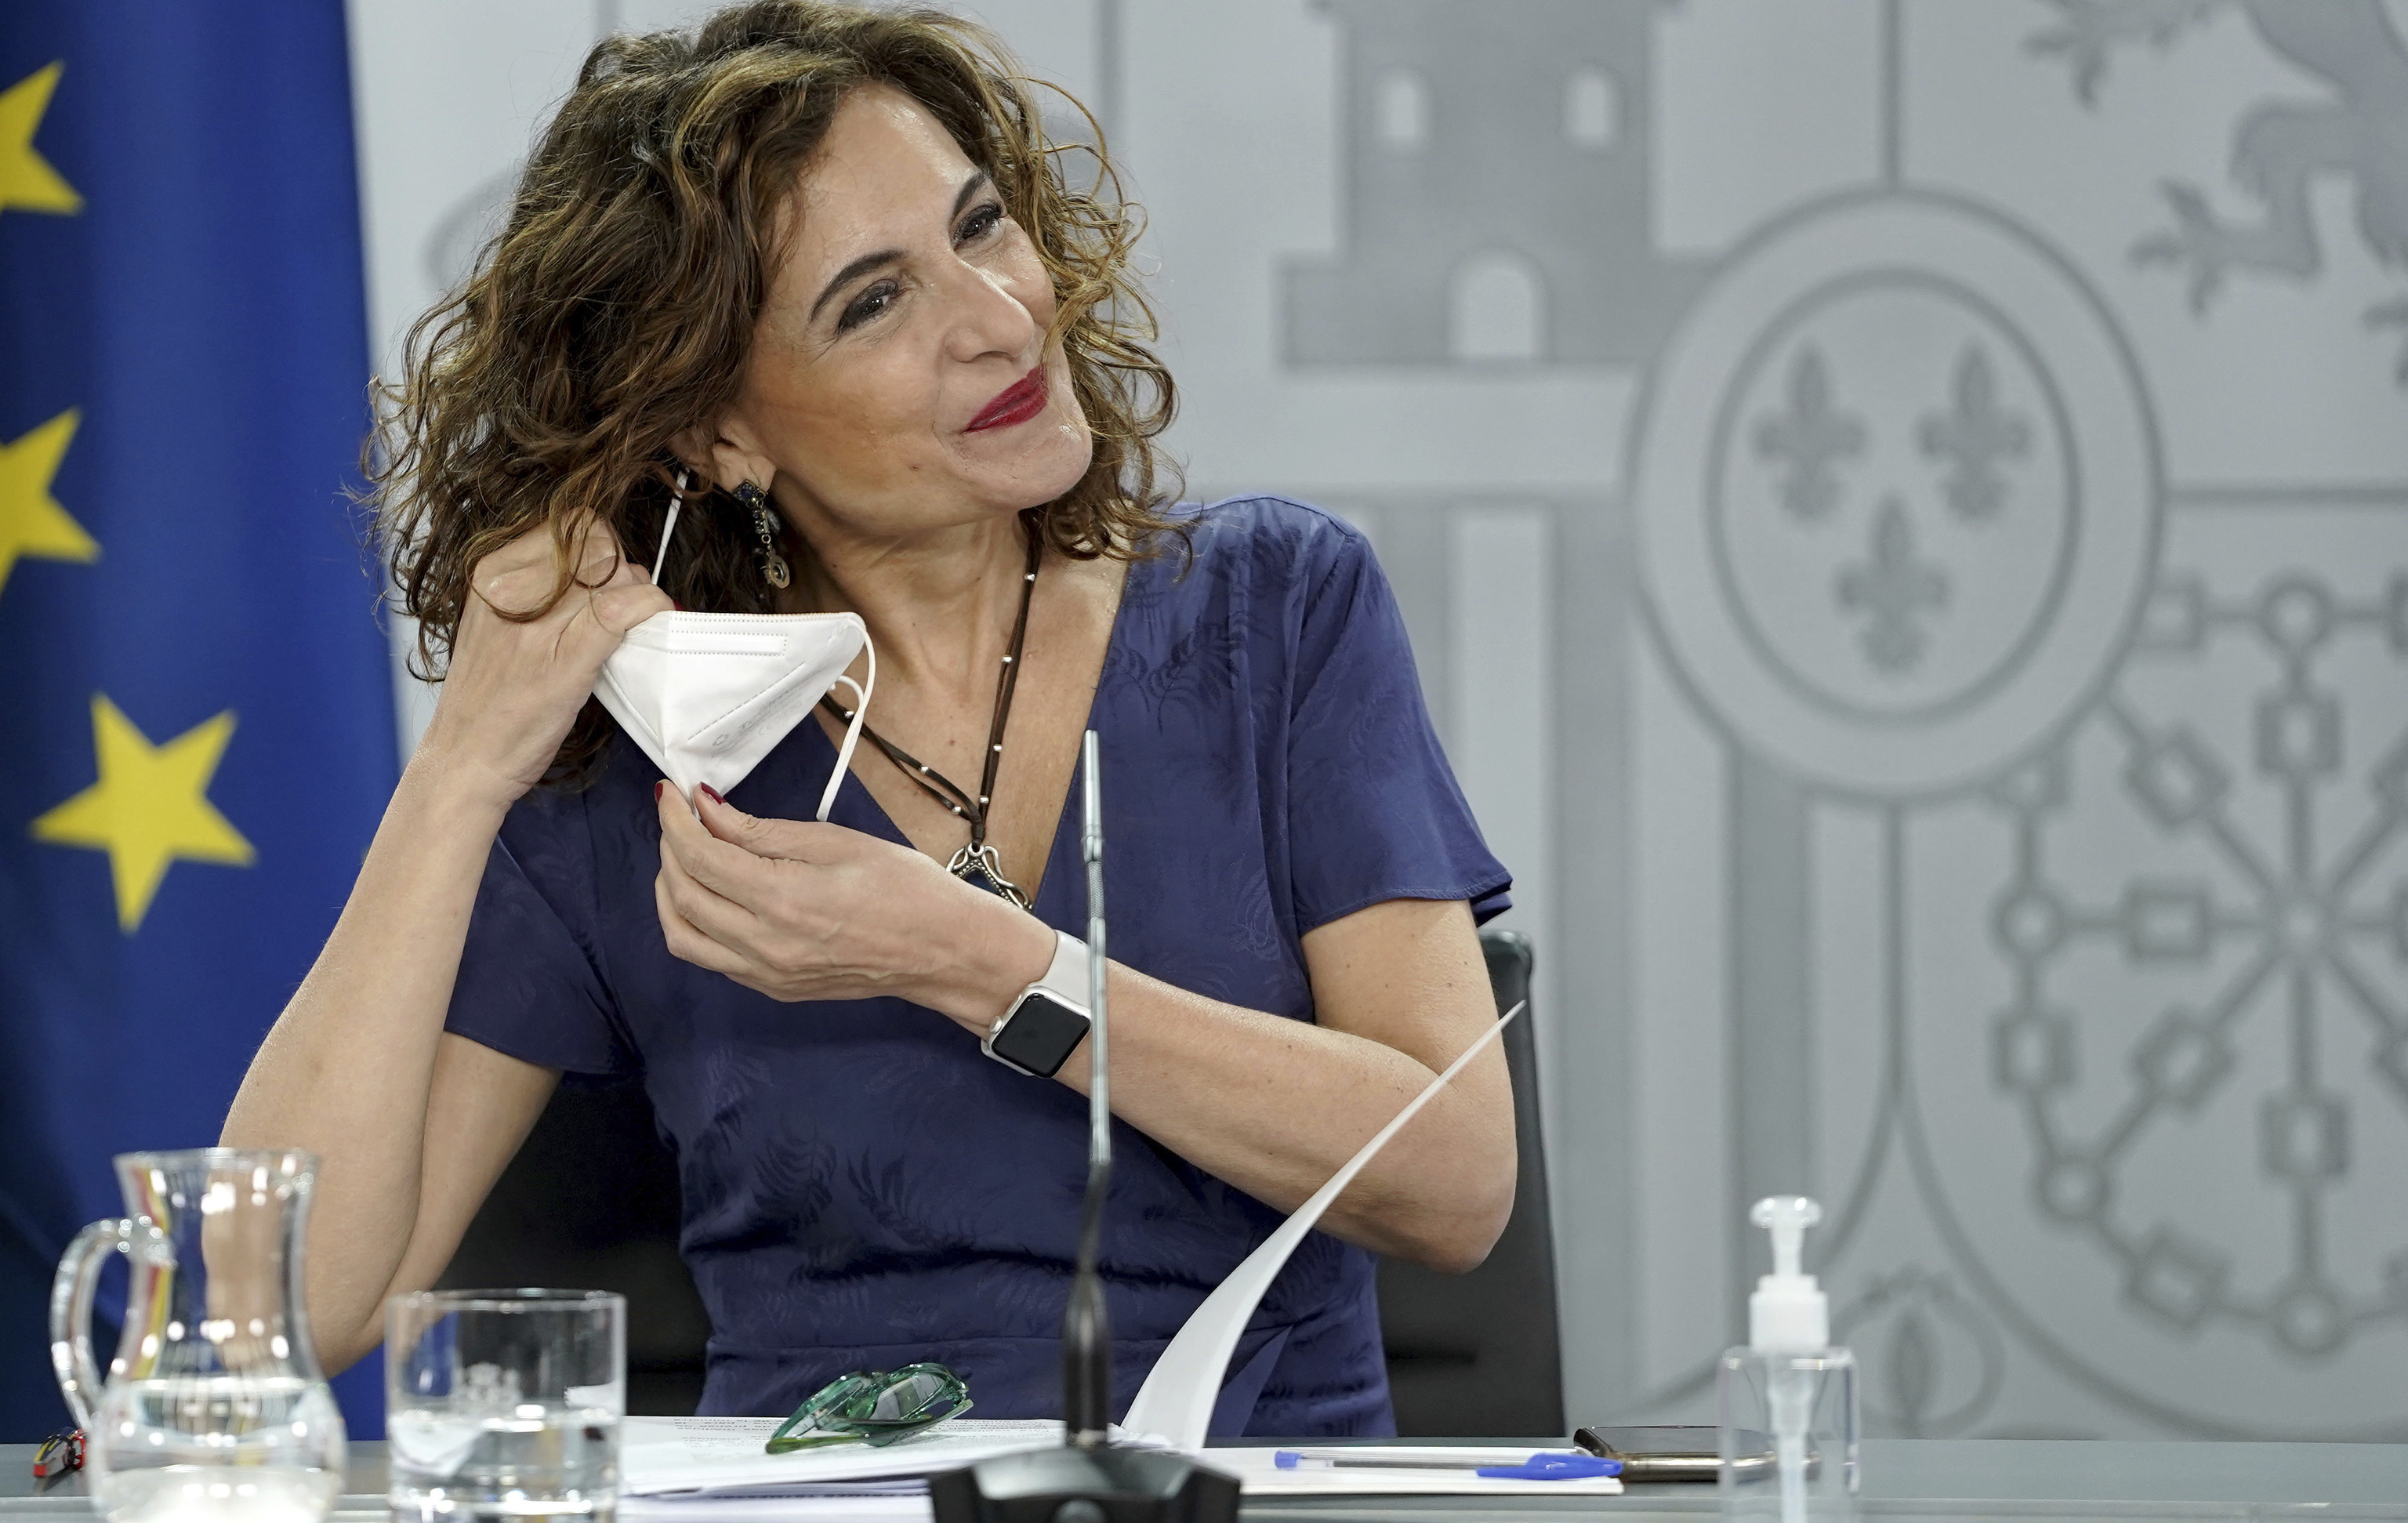 La ministra de Hacienda, María Jesús Montero, el pasado jueves en rueda de prensa en Moncloa